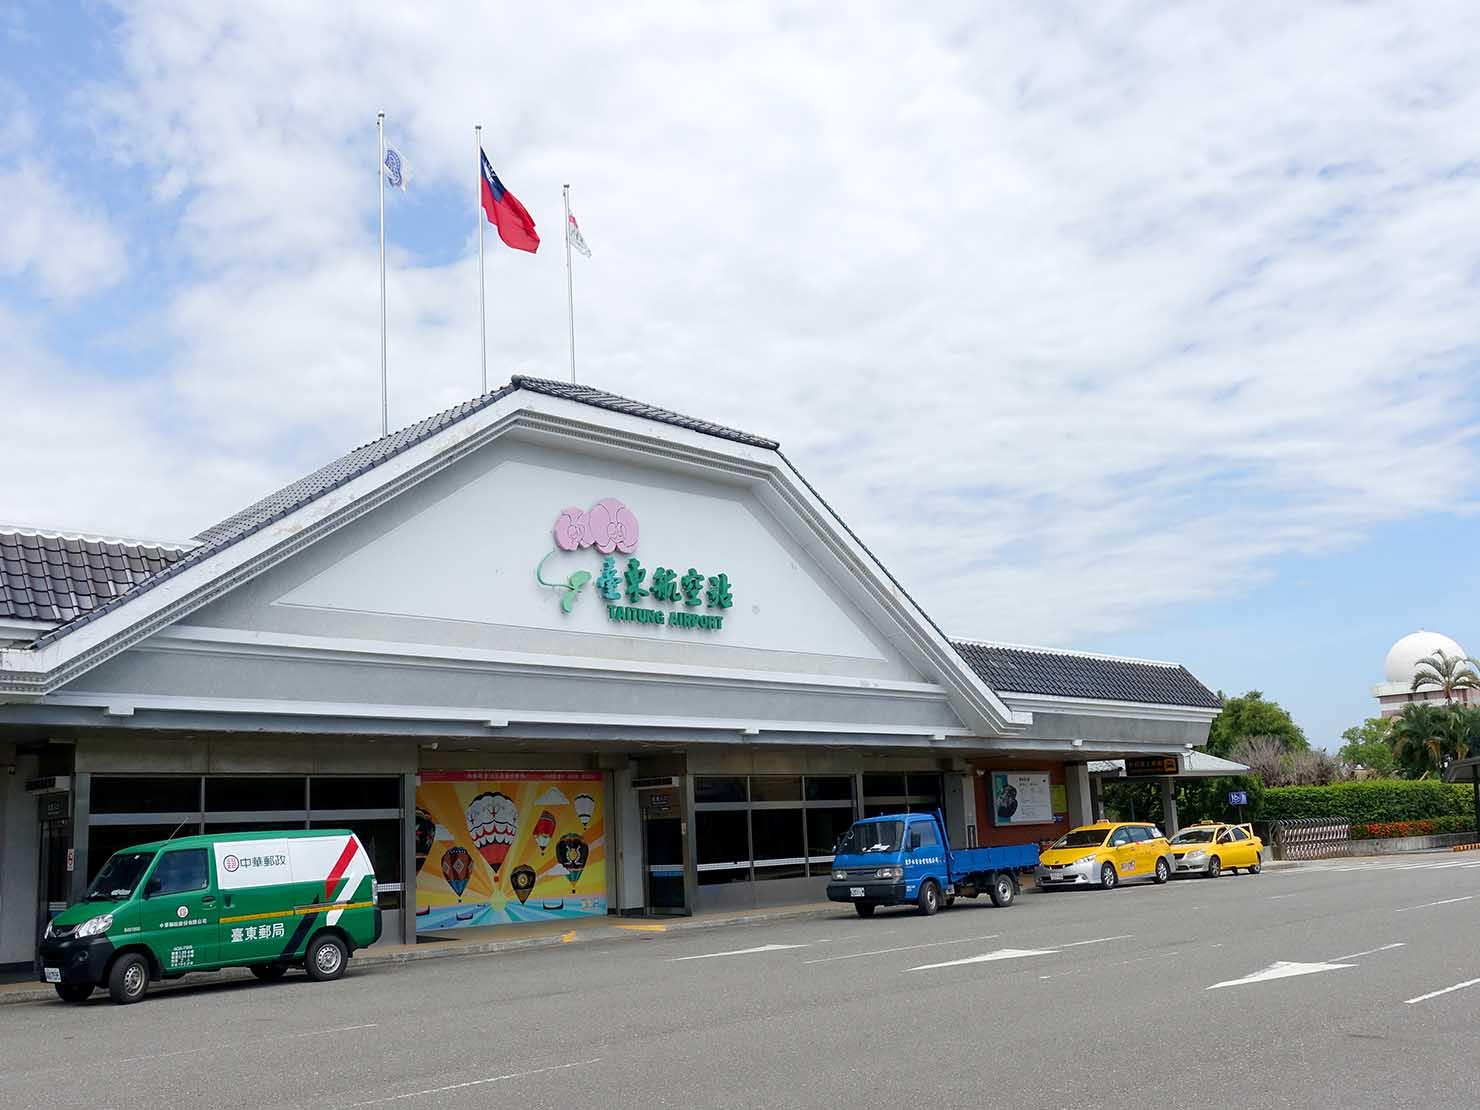 台湾・台東空港の外観